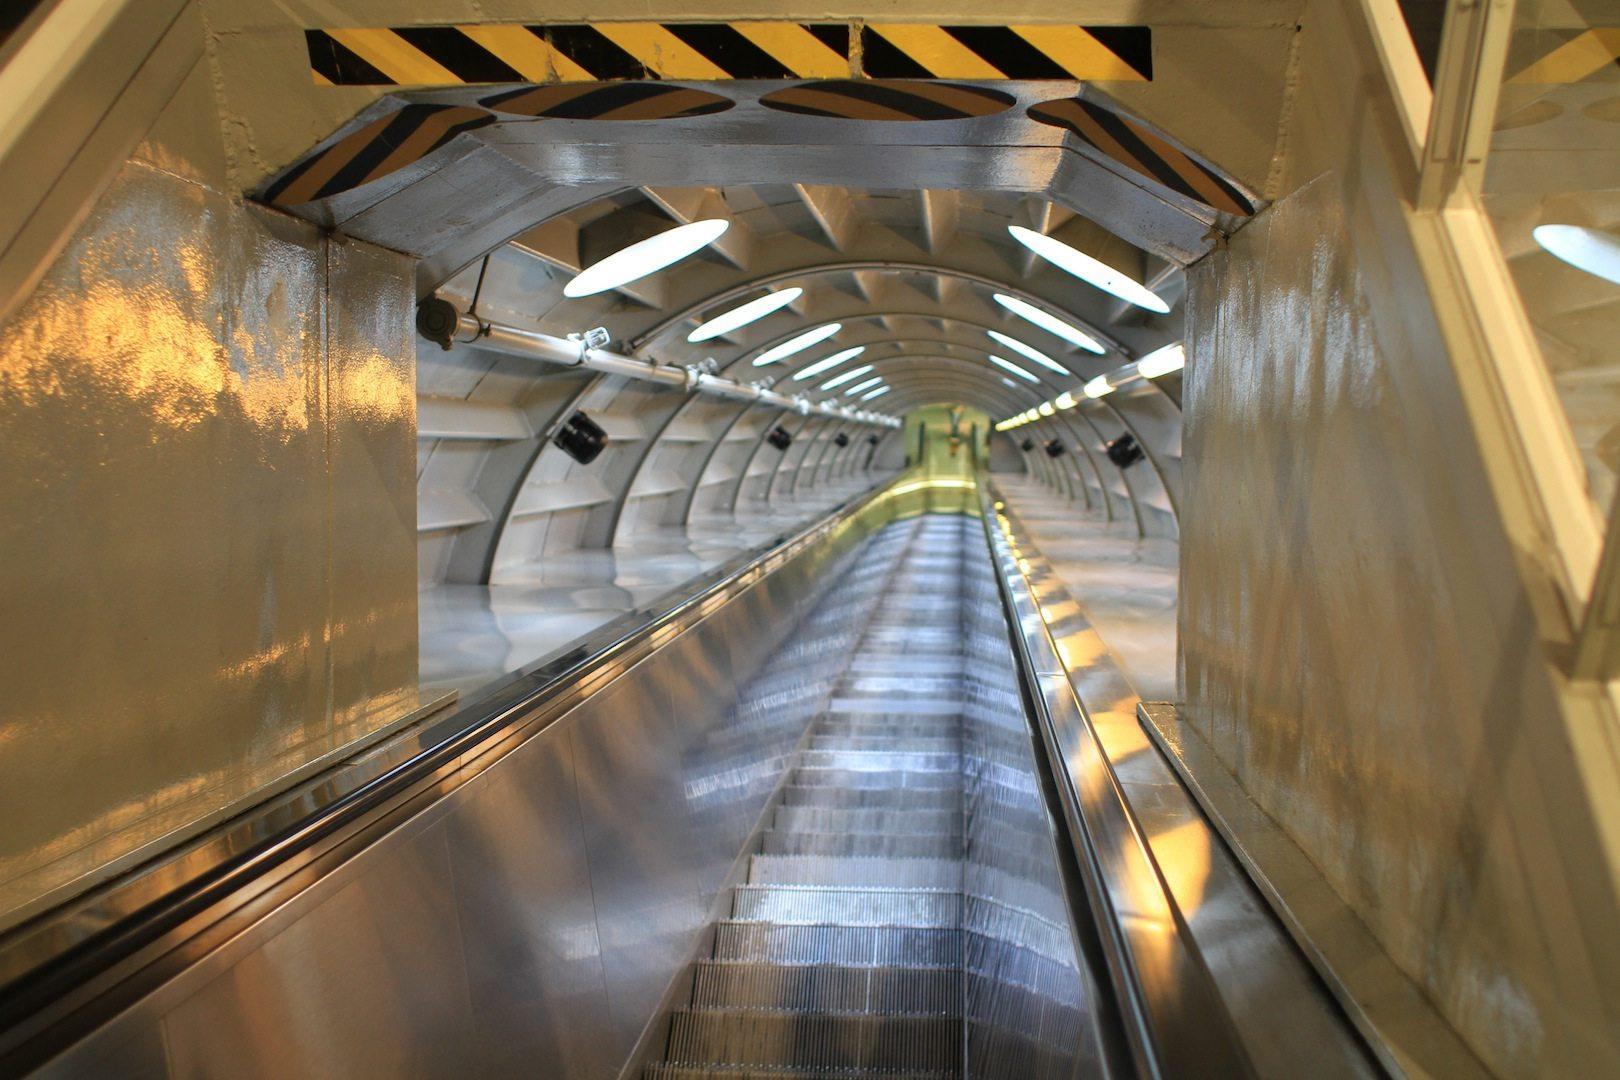 Rolltreppenverbindung. Bei ihrem Bau zählten die Rolltreppen mit bis zu 35 Meter Länge einst zu den längsten in Europa